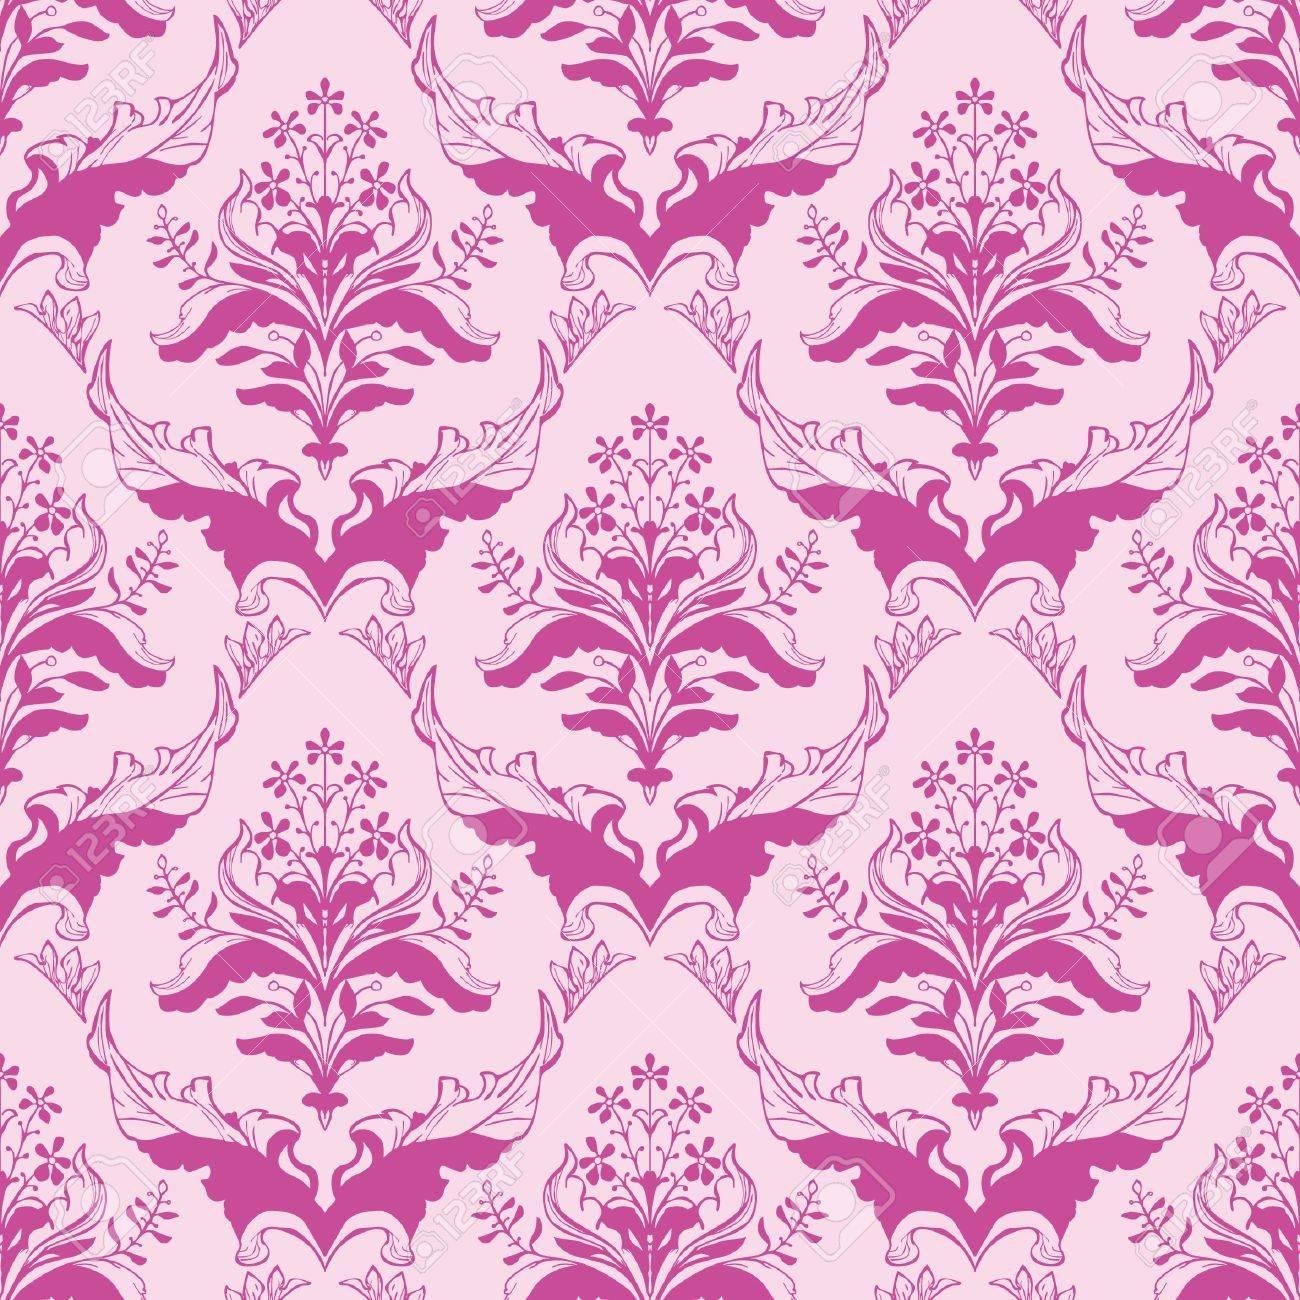 Catalogo Carta Da Parati Classica classica carta da parati floreale senza soluzione di continuità in damasco  rosa